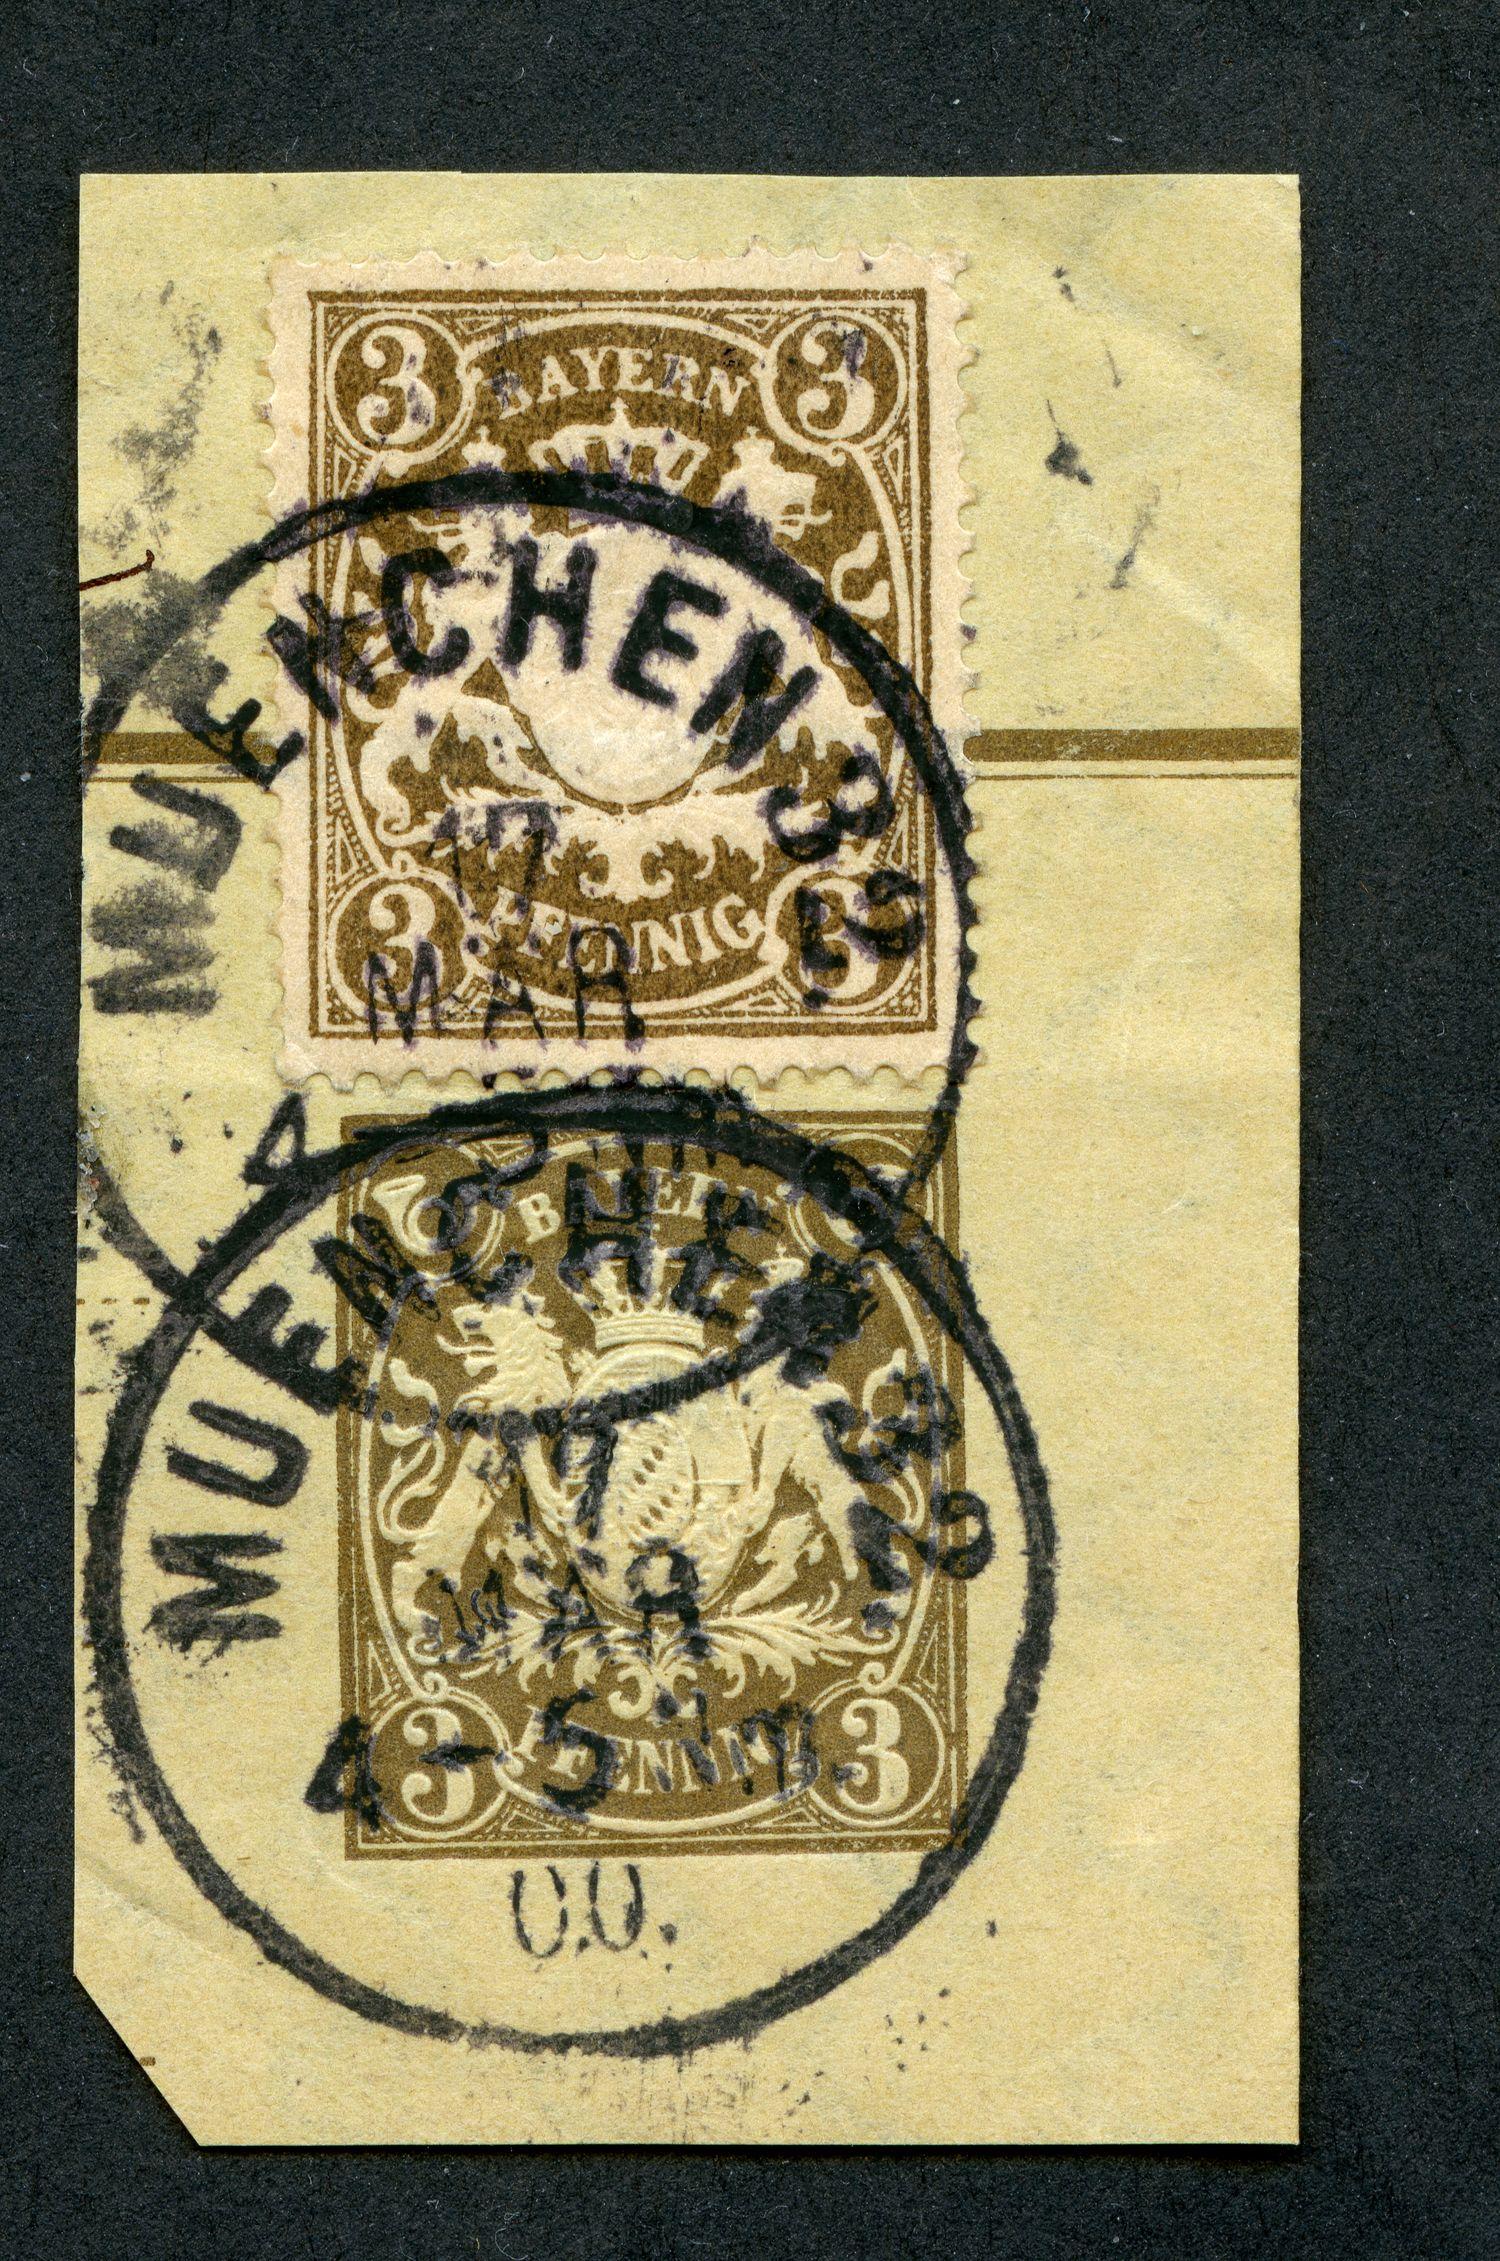 Prägedruck 1860-1900 in der Schweiz und in den deutschen Staaten Bayern_18xx_3pf_pws_110